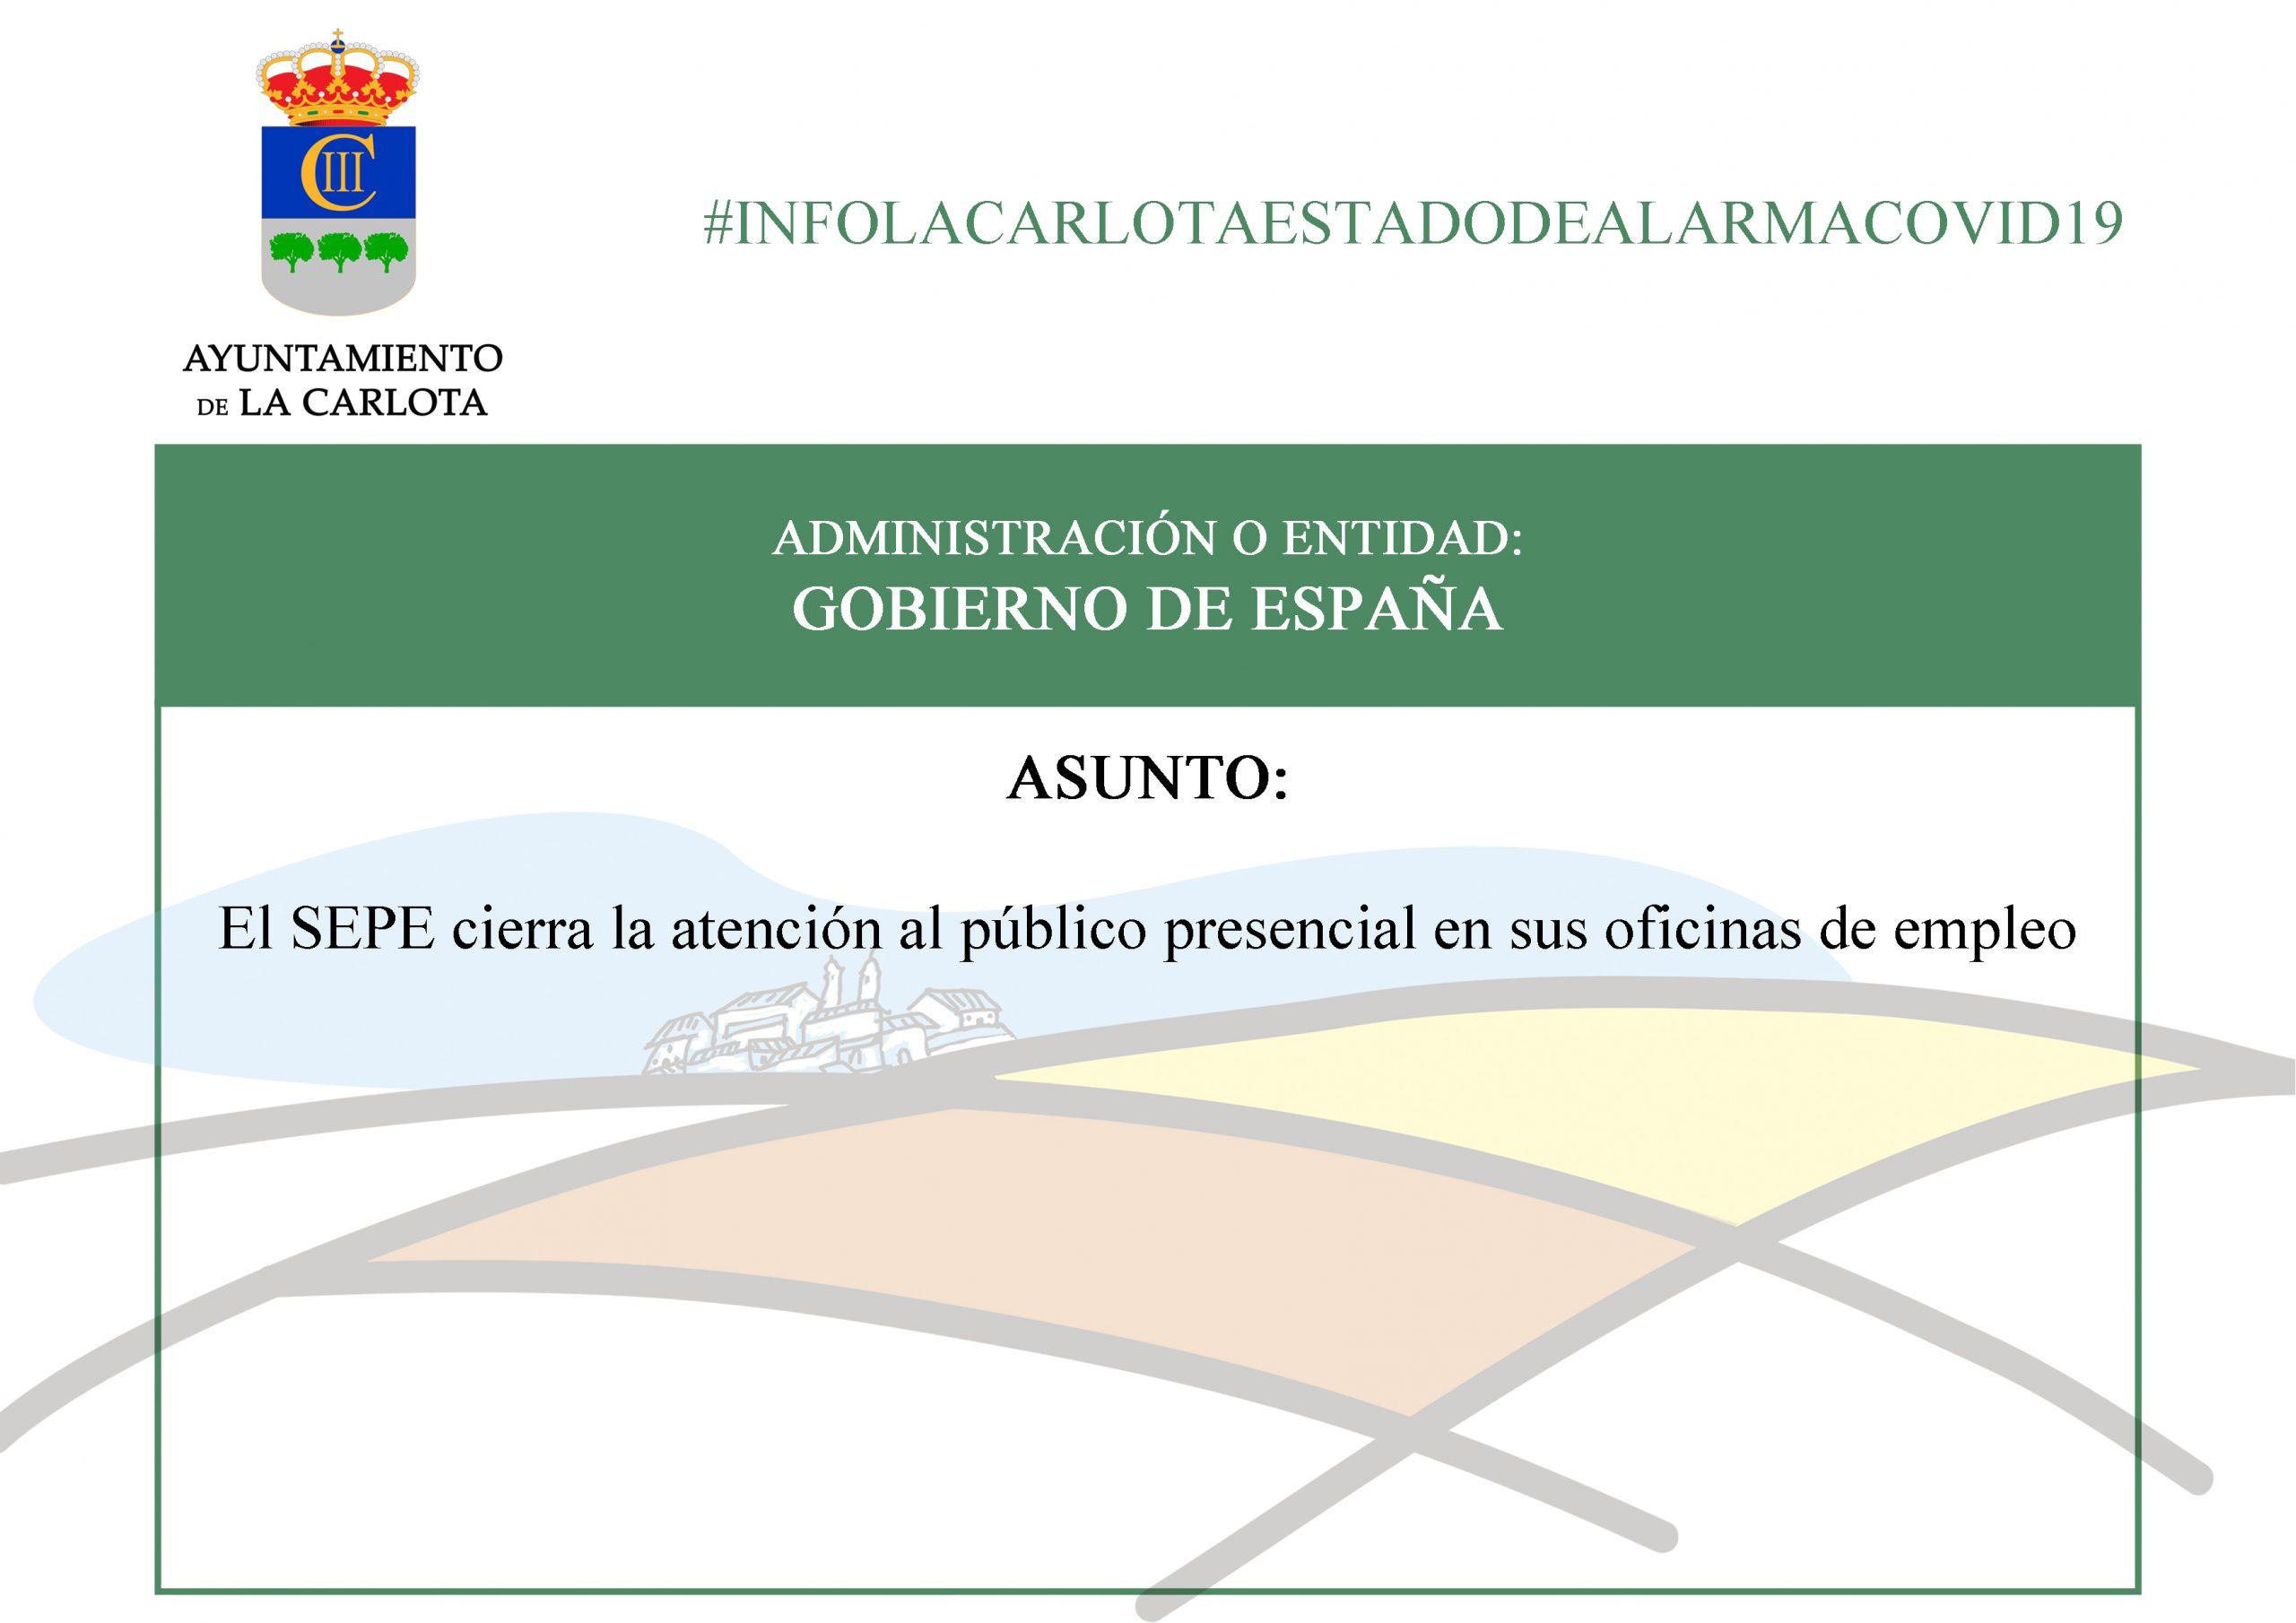 #INFOLACARLOTAESTADODEALARMACOVID19 EL SEPE CIERRA LA ATENCIÓN AL PÚBLICO PRESENCIAL EN SUS OFICINAS DE EMPLEO 1